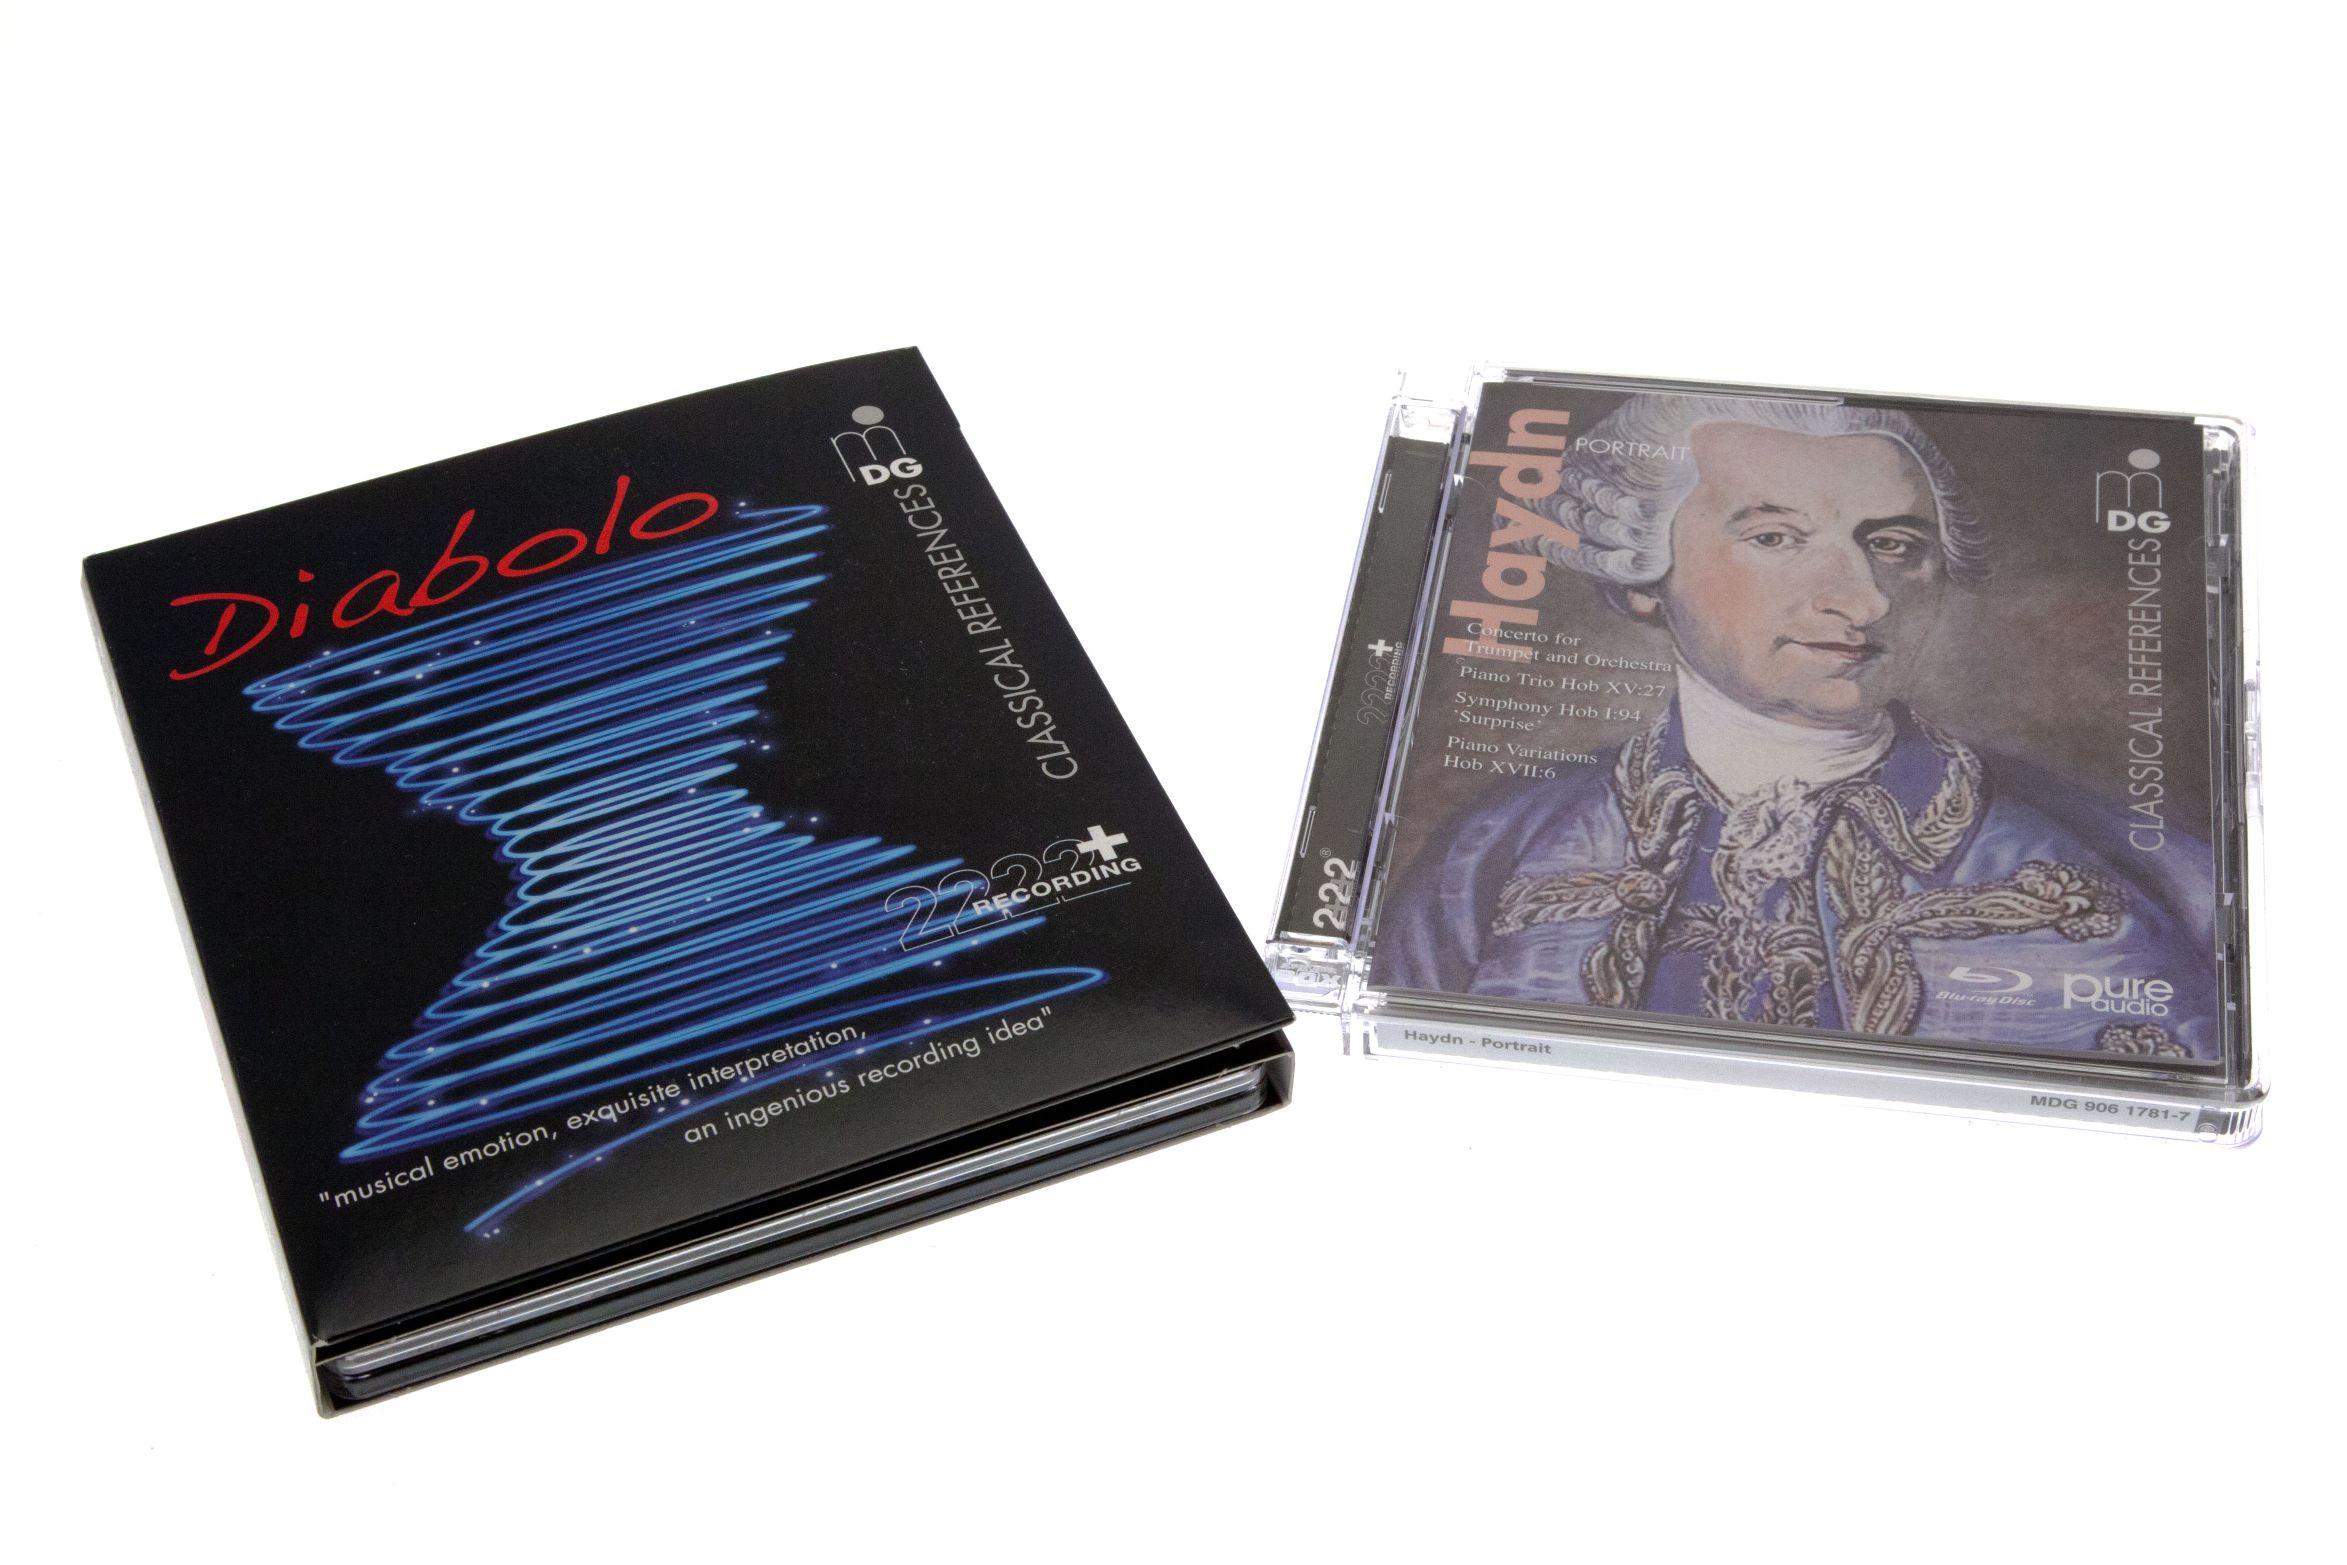 BD Pure Audio: Blu-ray-Alternative zur Super Audio CD -